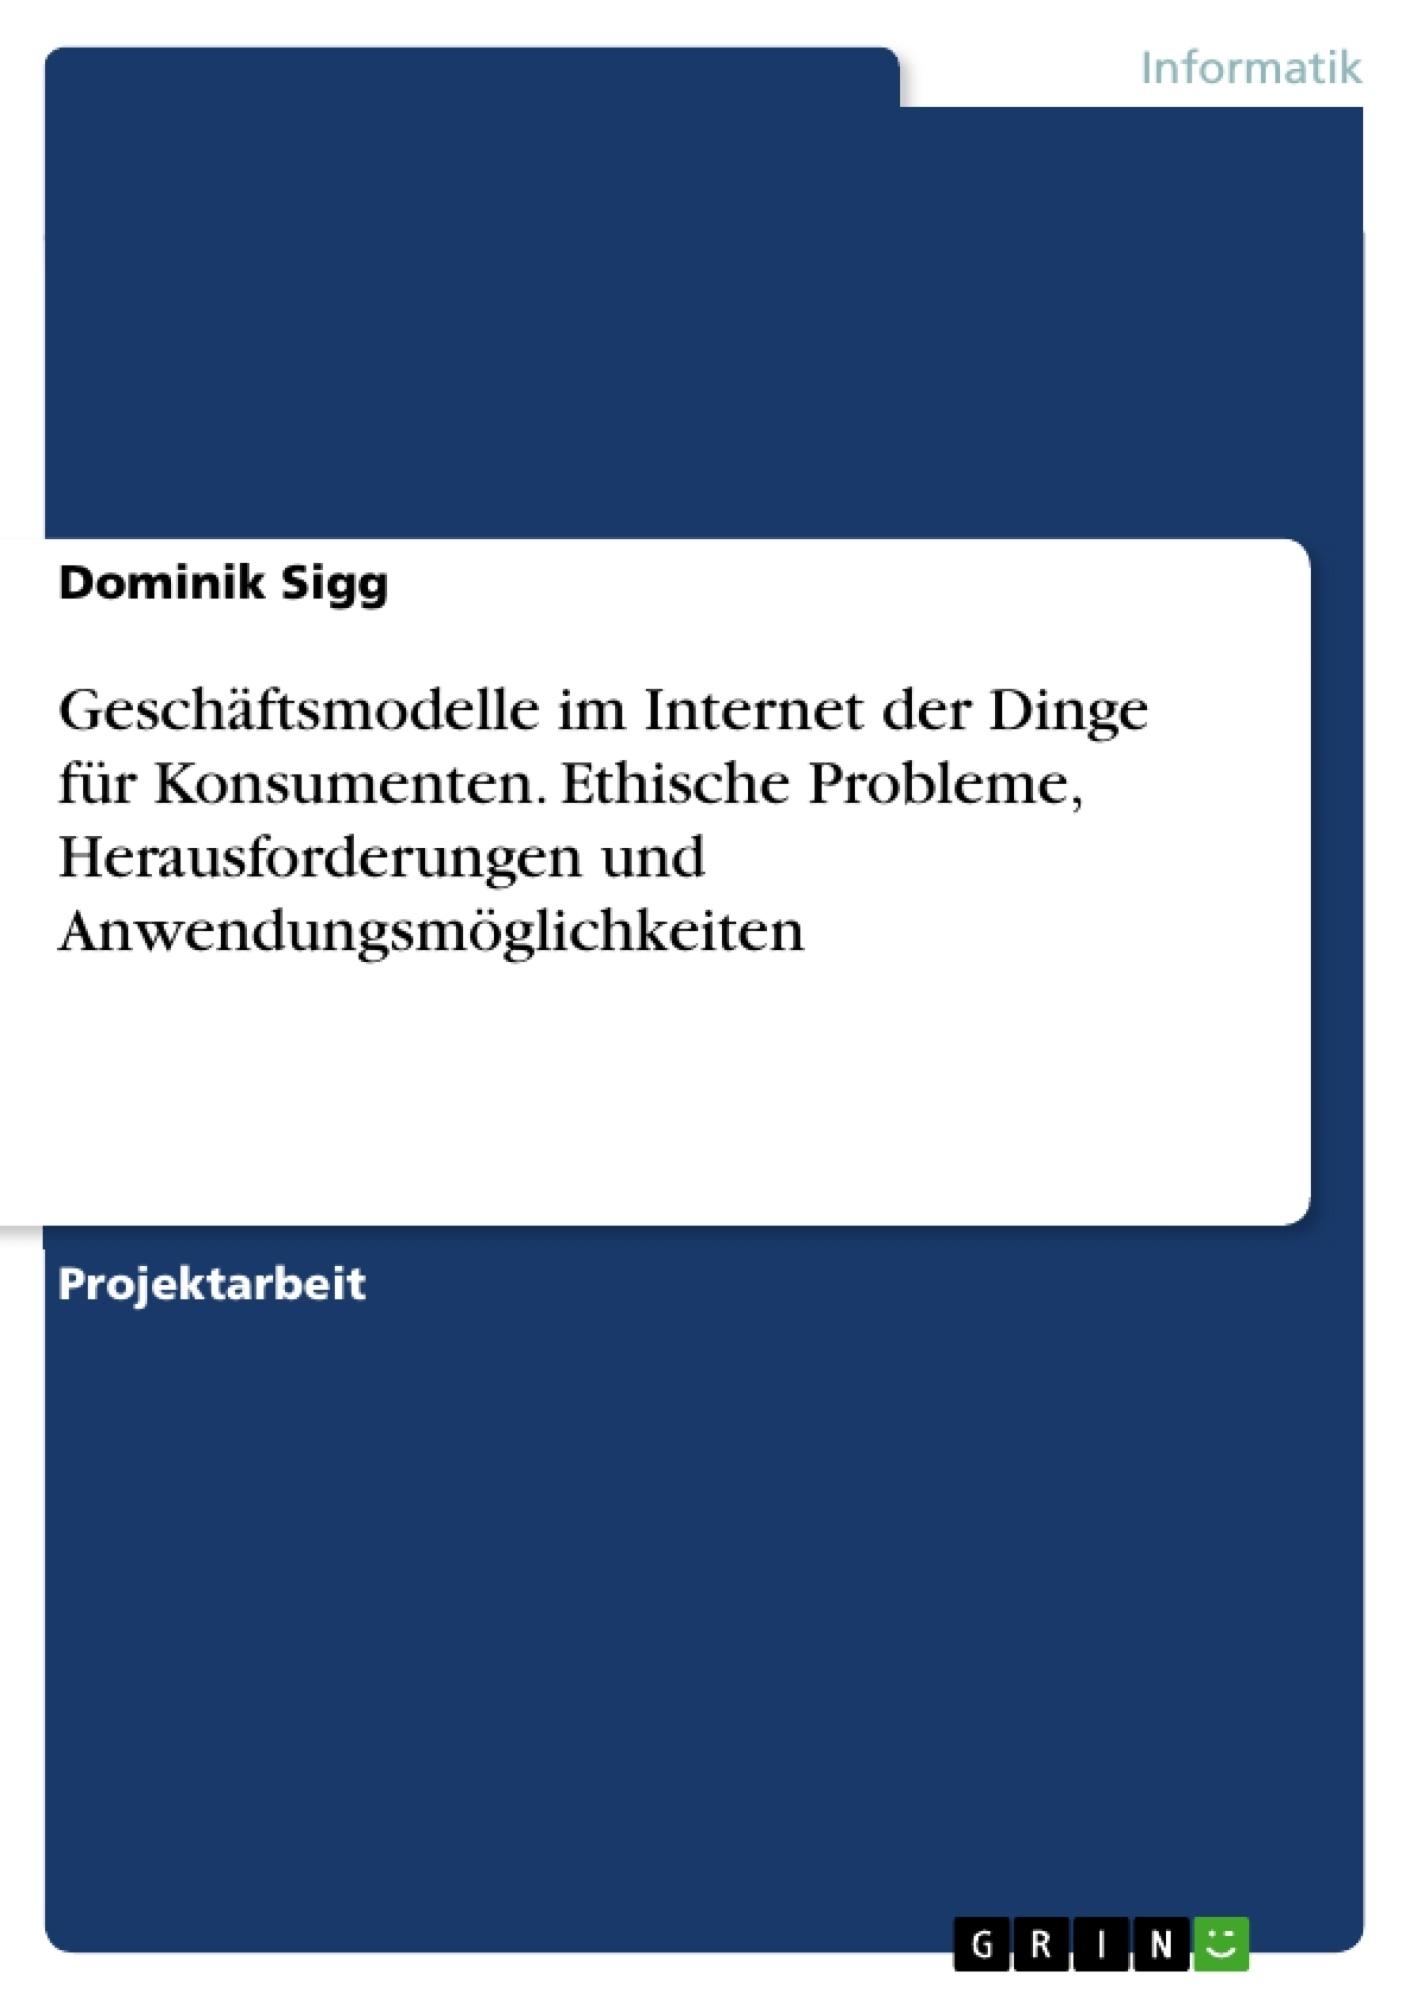 Titel: Geschäftsmodelle im Internet der Dinge für Konsumenten. Ethische Probleme, Herausforderungen und Anwendungsmöglichkeiten